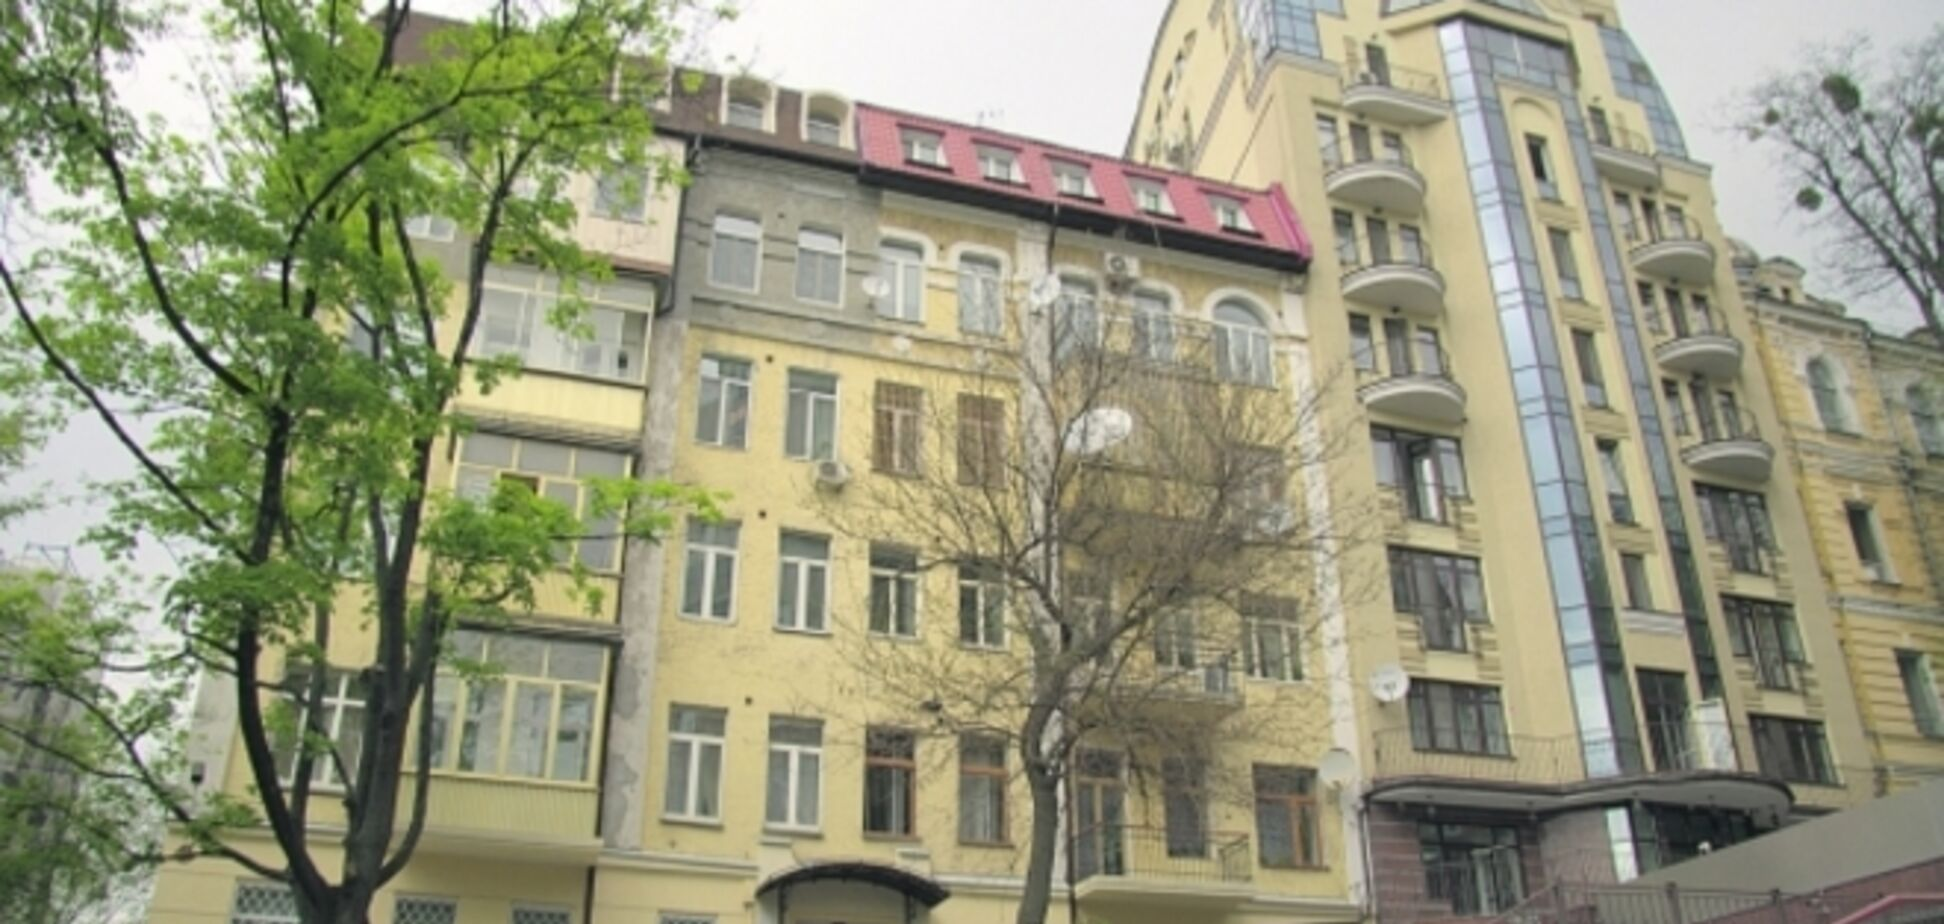 Богомолец живет в пятиэтажке-сталинке возле офиса Ахметова